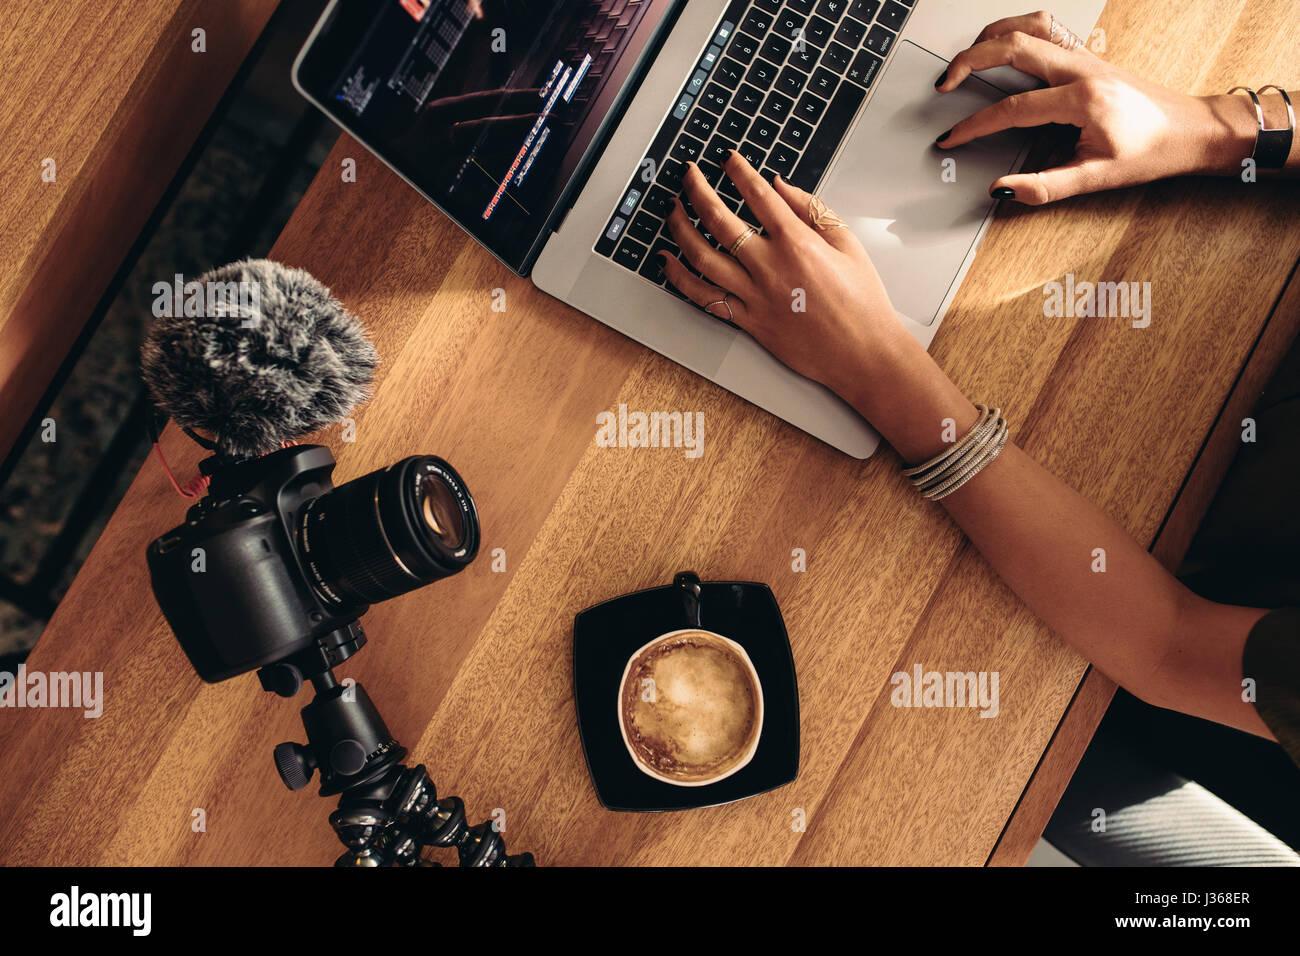 Vista superior de mujeres vlogger la edición de vídeo en una computadora portátil. Joven trabajando Imagen De Stock